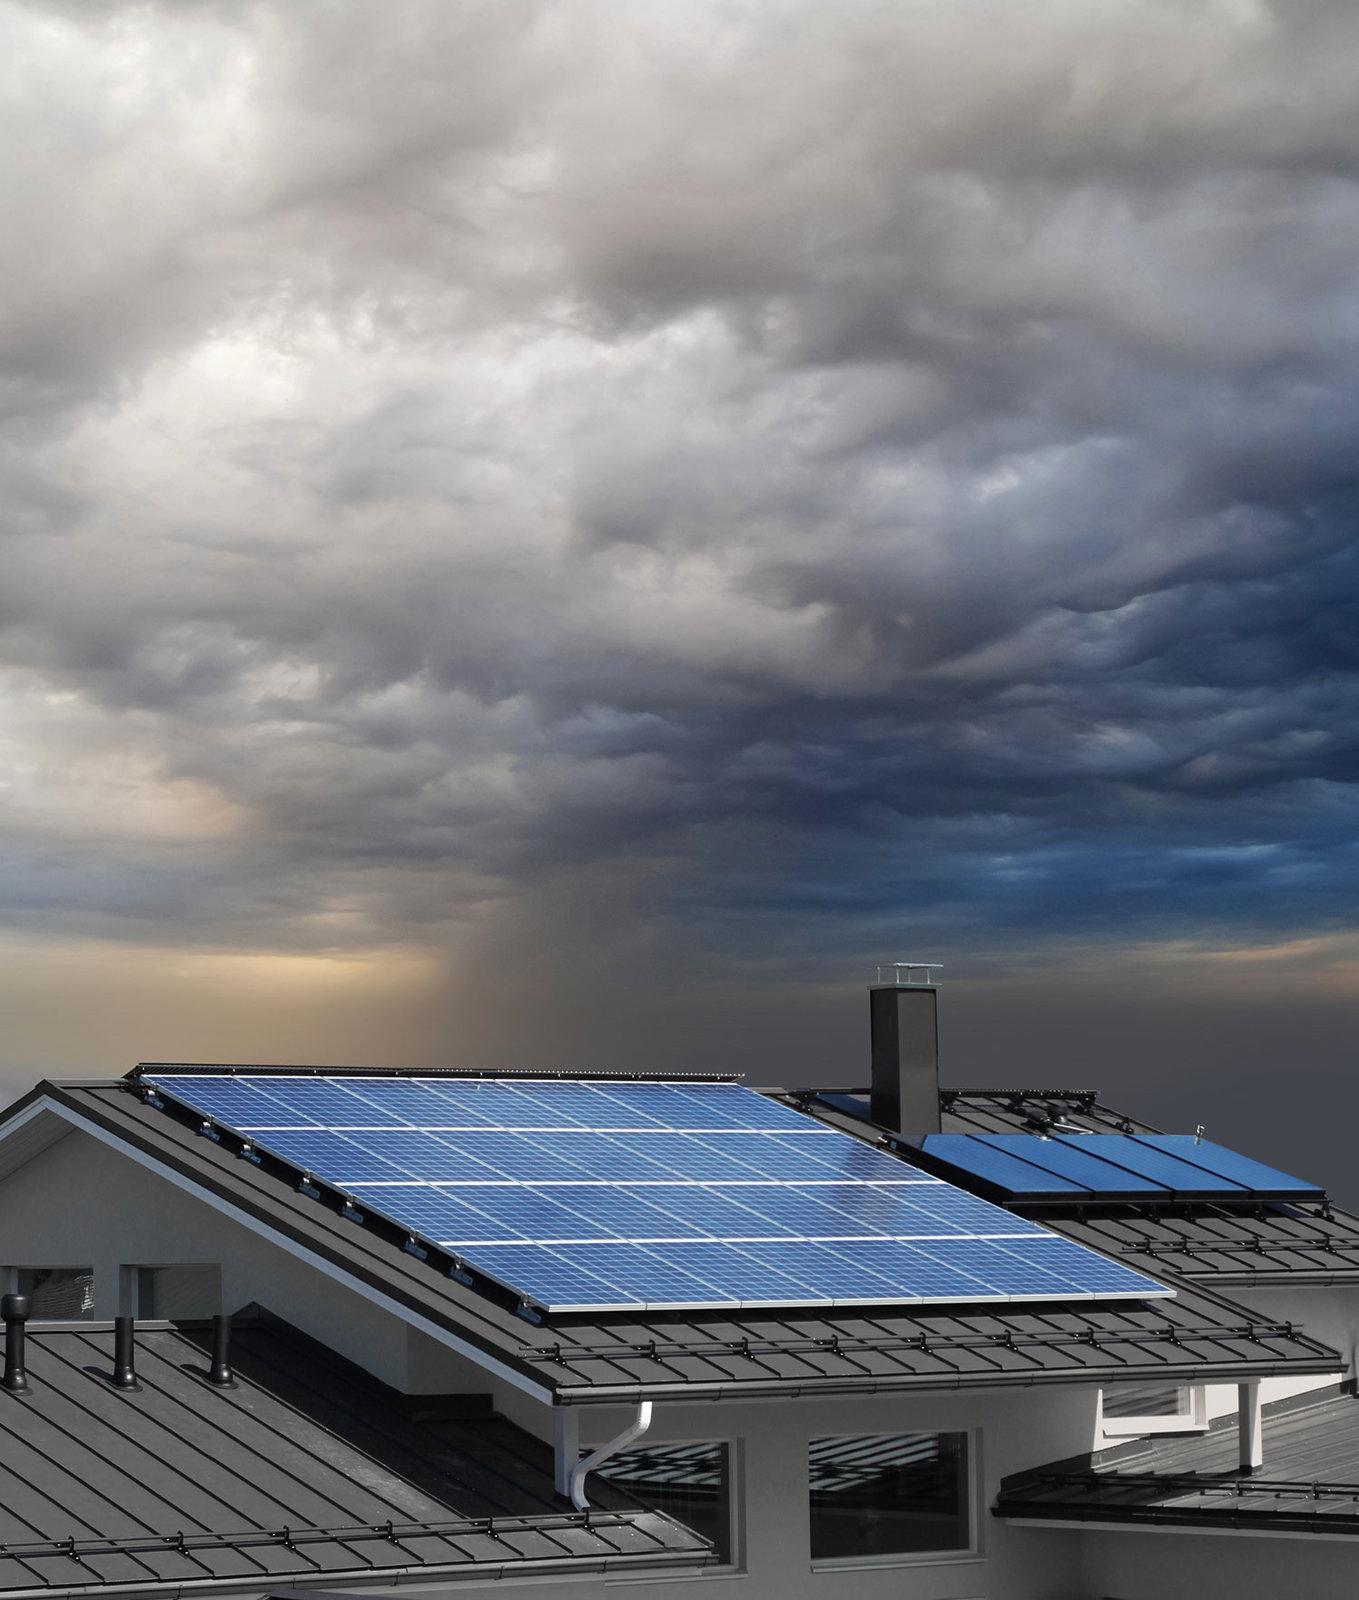 nubes y paneles solares